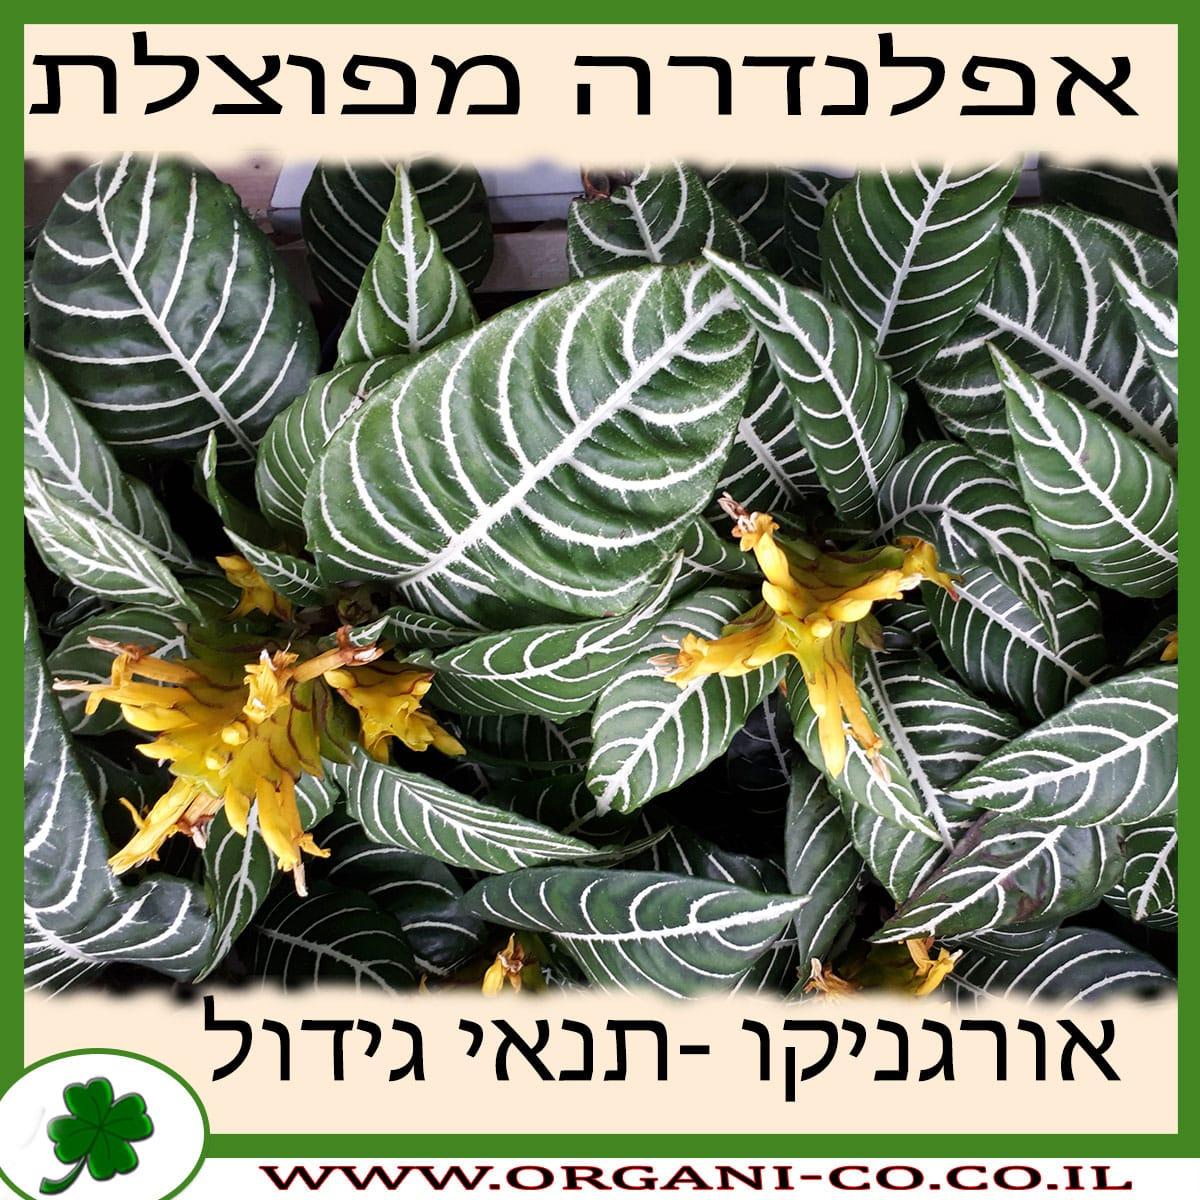 אפלנדרה מפוצלת גידול צמח